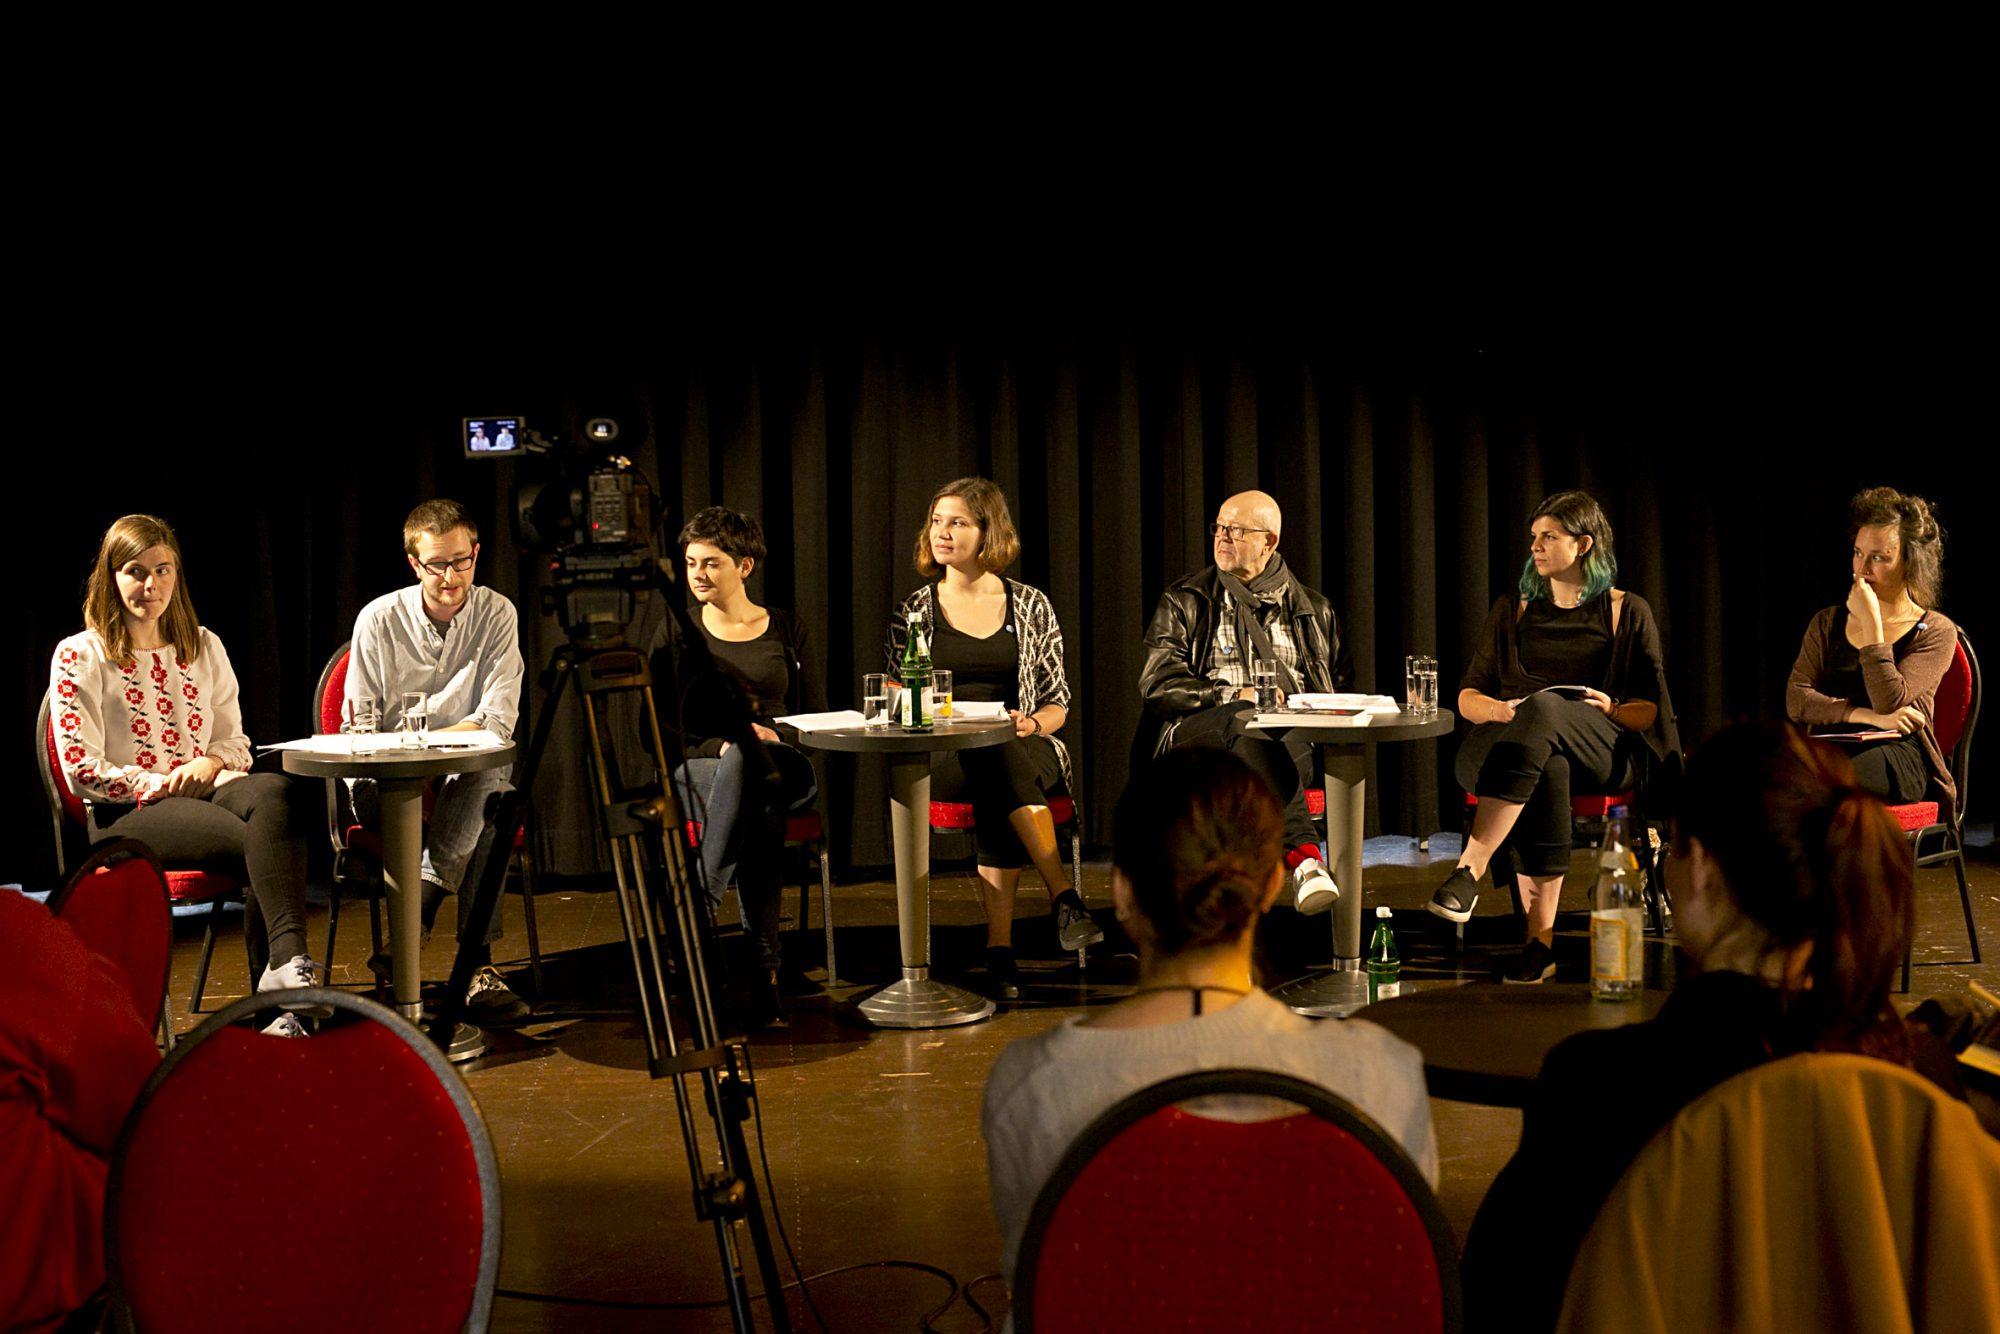 CCT Leipzig: Theater in der Migrationsgesellschaft. Kolloquium von und mit Studierenden der Theaterwissenschaft <br>©David Baltzer